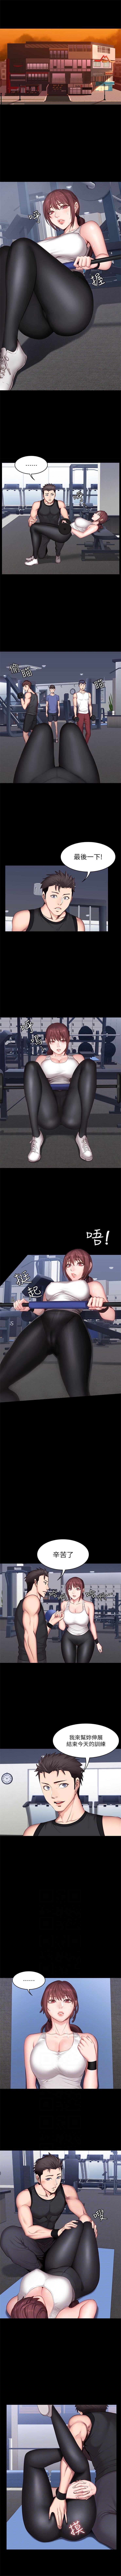 (週3)健身教練 1-37 中文翻譯 (更新中) 124